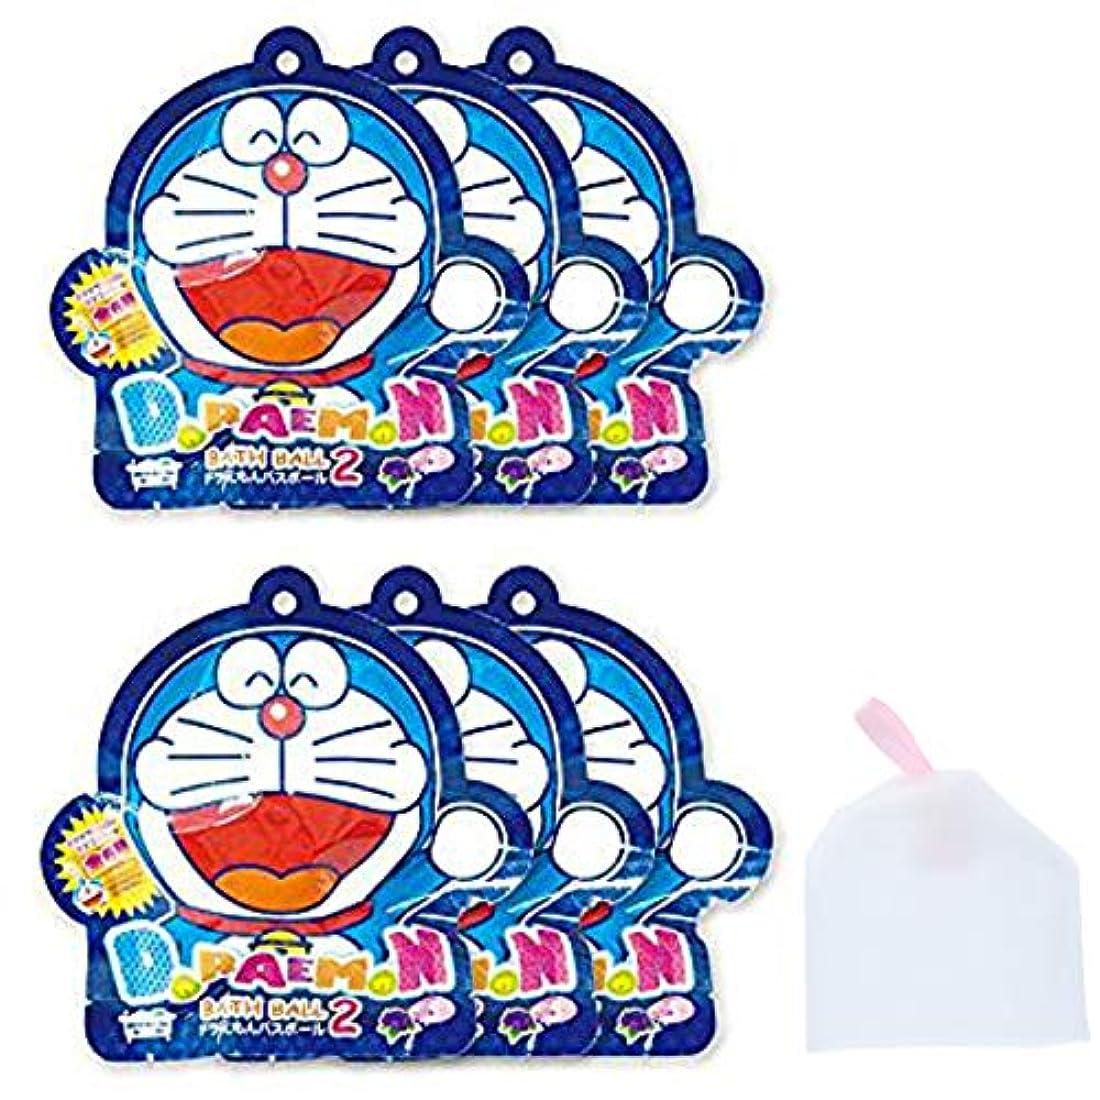 グレード健康アジア人【6個セット+泡立てネット】ノルコーポレーション ドラえもん 入浴剤 バスボール2 ブルーベリーの香り OB-DOB-2-1【泡立てネット】